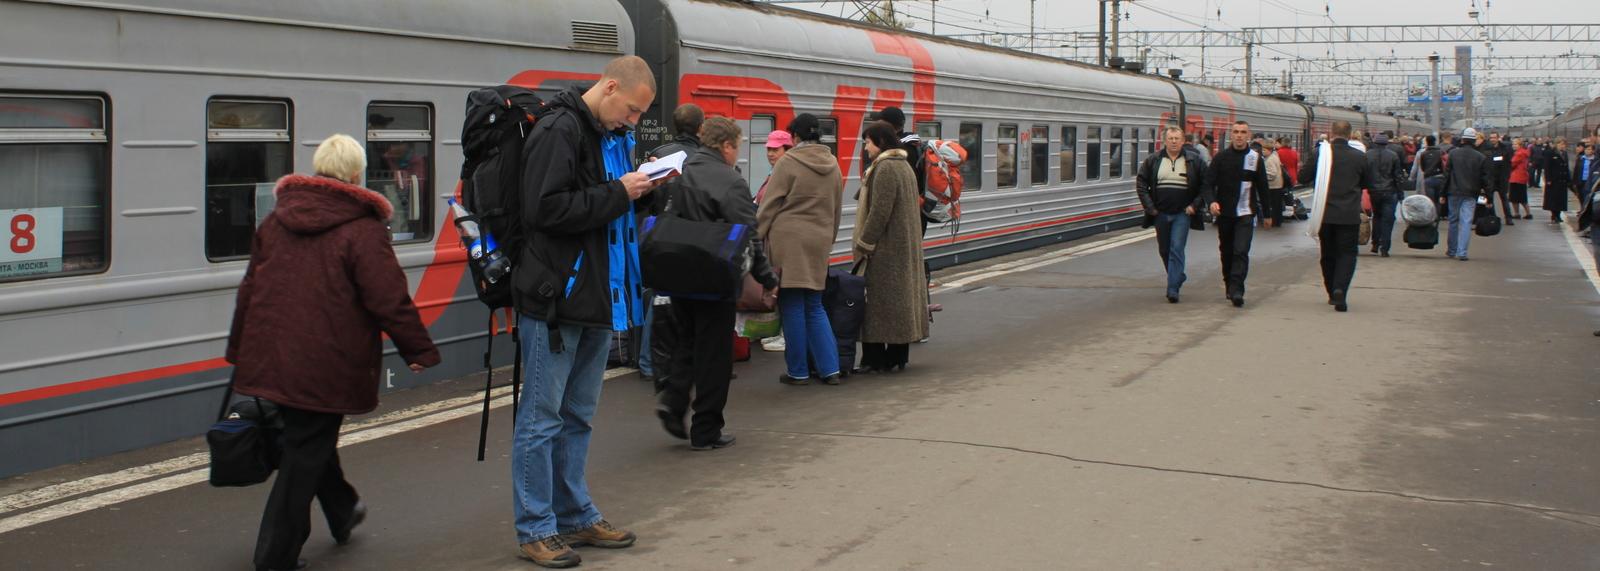 Where to go? @Yaroslavskaya Station, Moscow